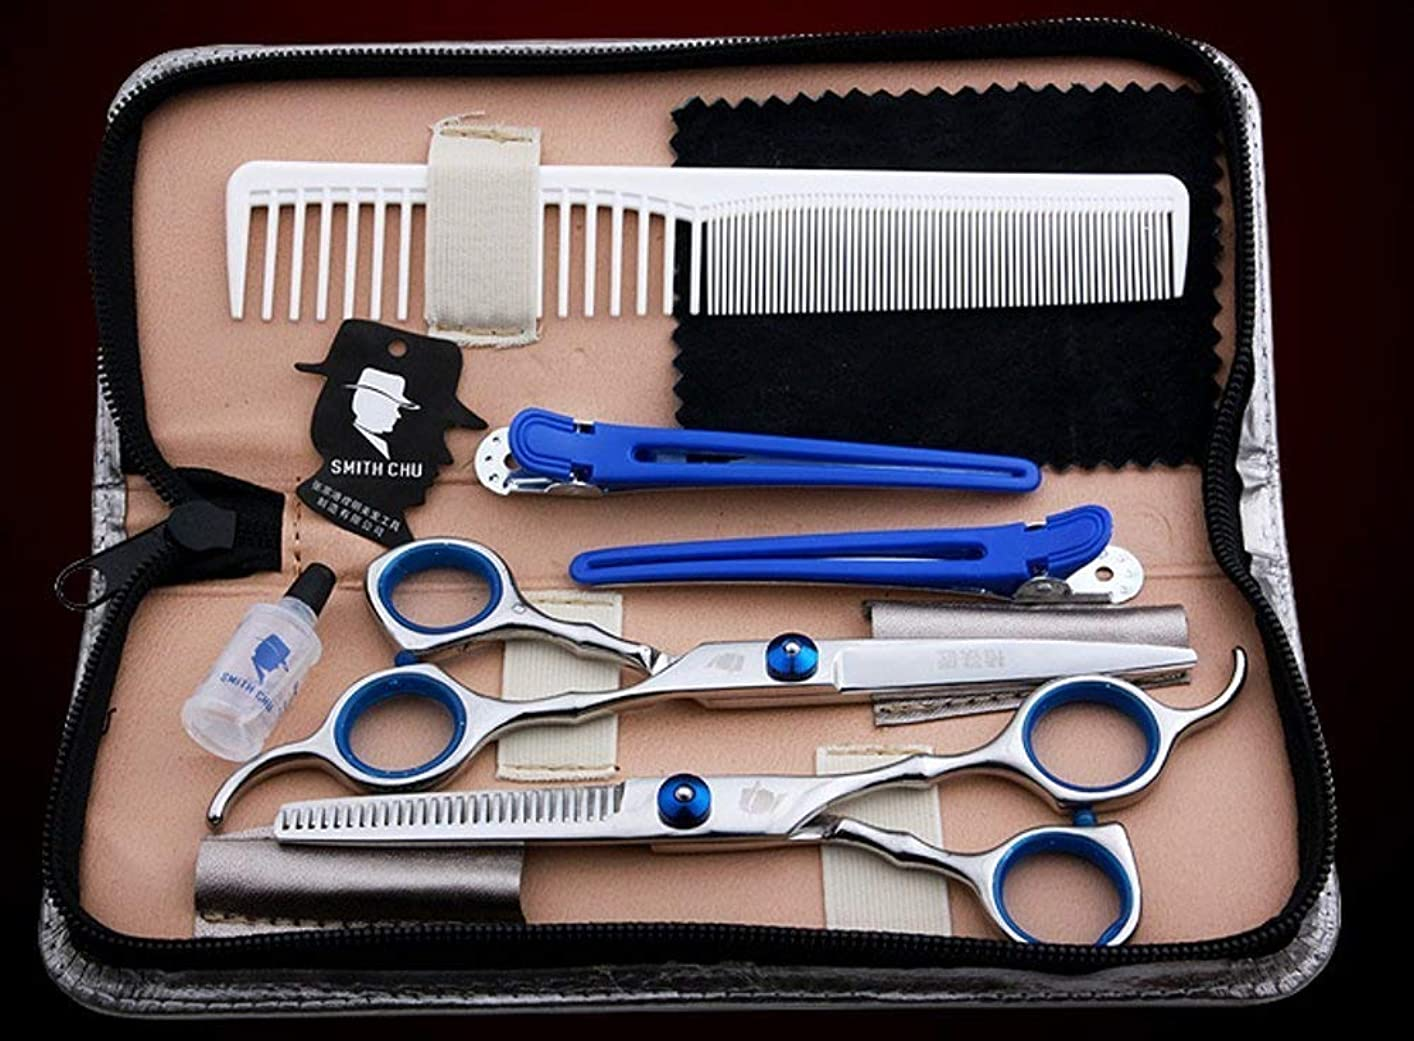 誠意寝る交通T&Y 美容師 理容師 トリマー シザー セット ヘアカット 8点セット(カットシザー、セニングシザー、シザーケース、クリーニングクロス、防錆油、ヘアクリップx2、コーム) 美容師 トリマー プロ用 TYHBA1-15002